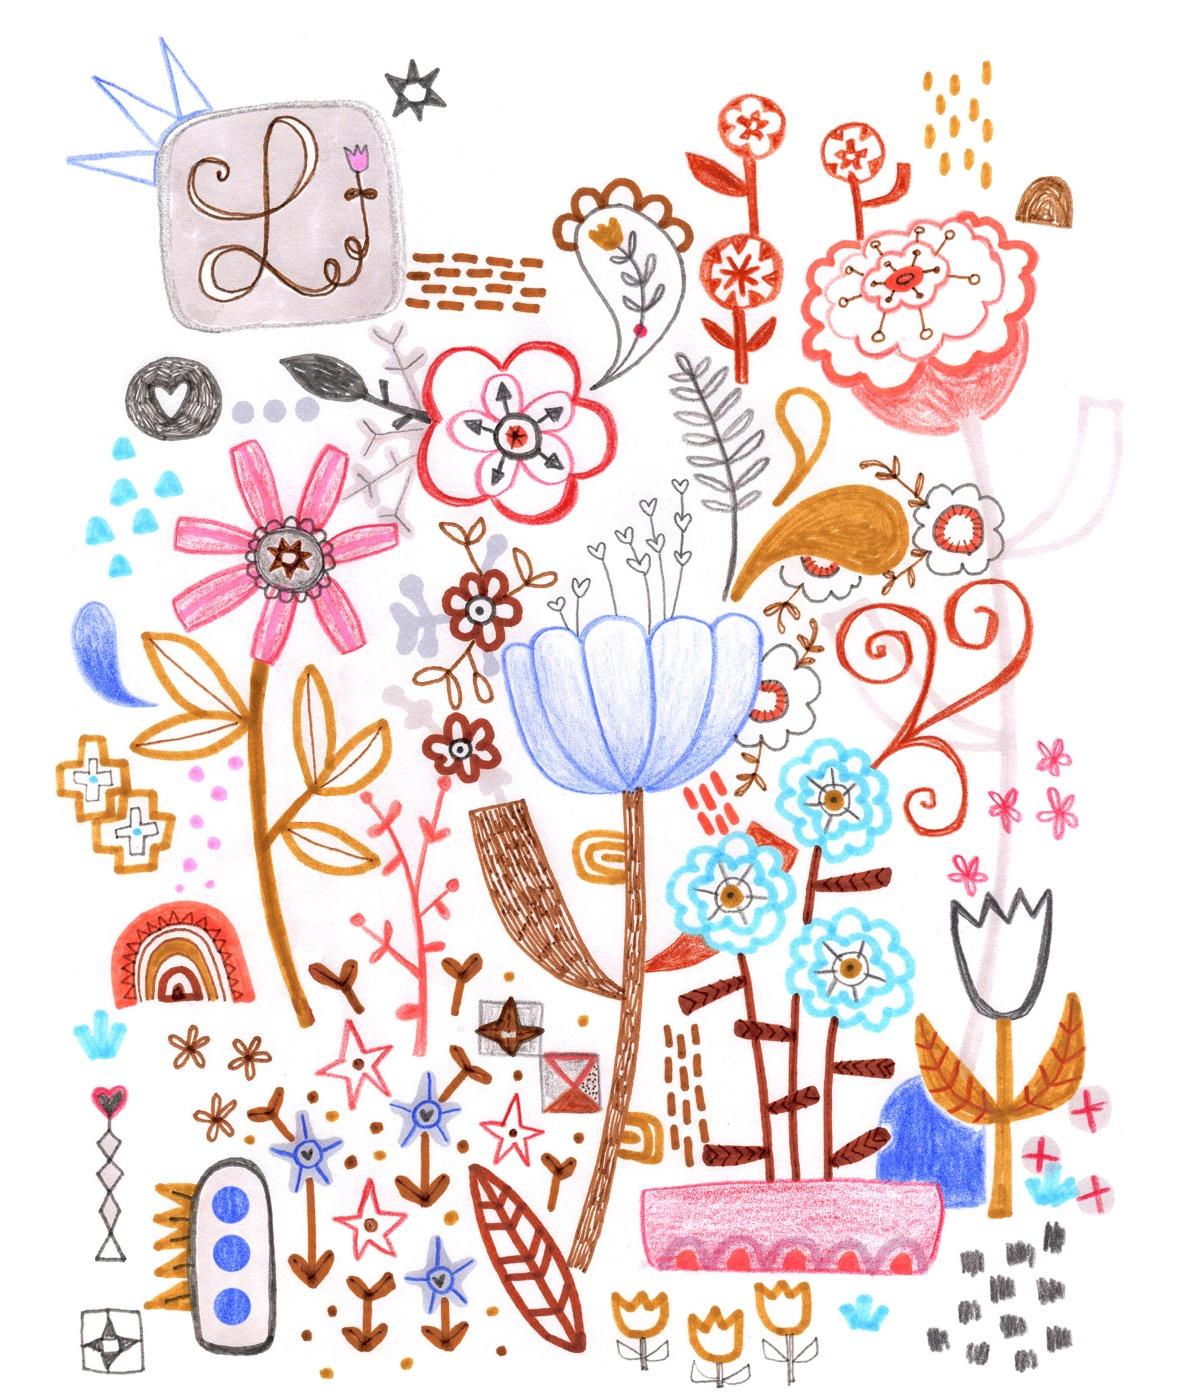 Flower poster 8 x10 ILLUSTRATION_edited